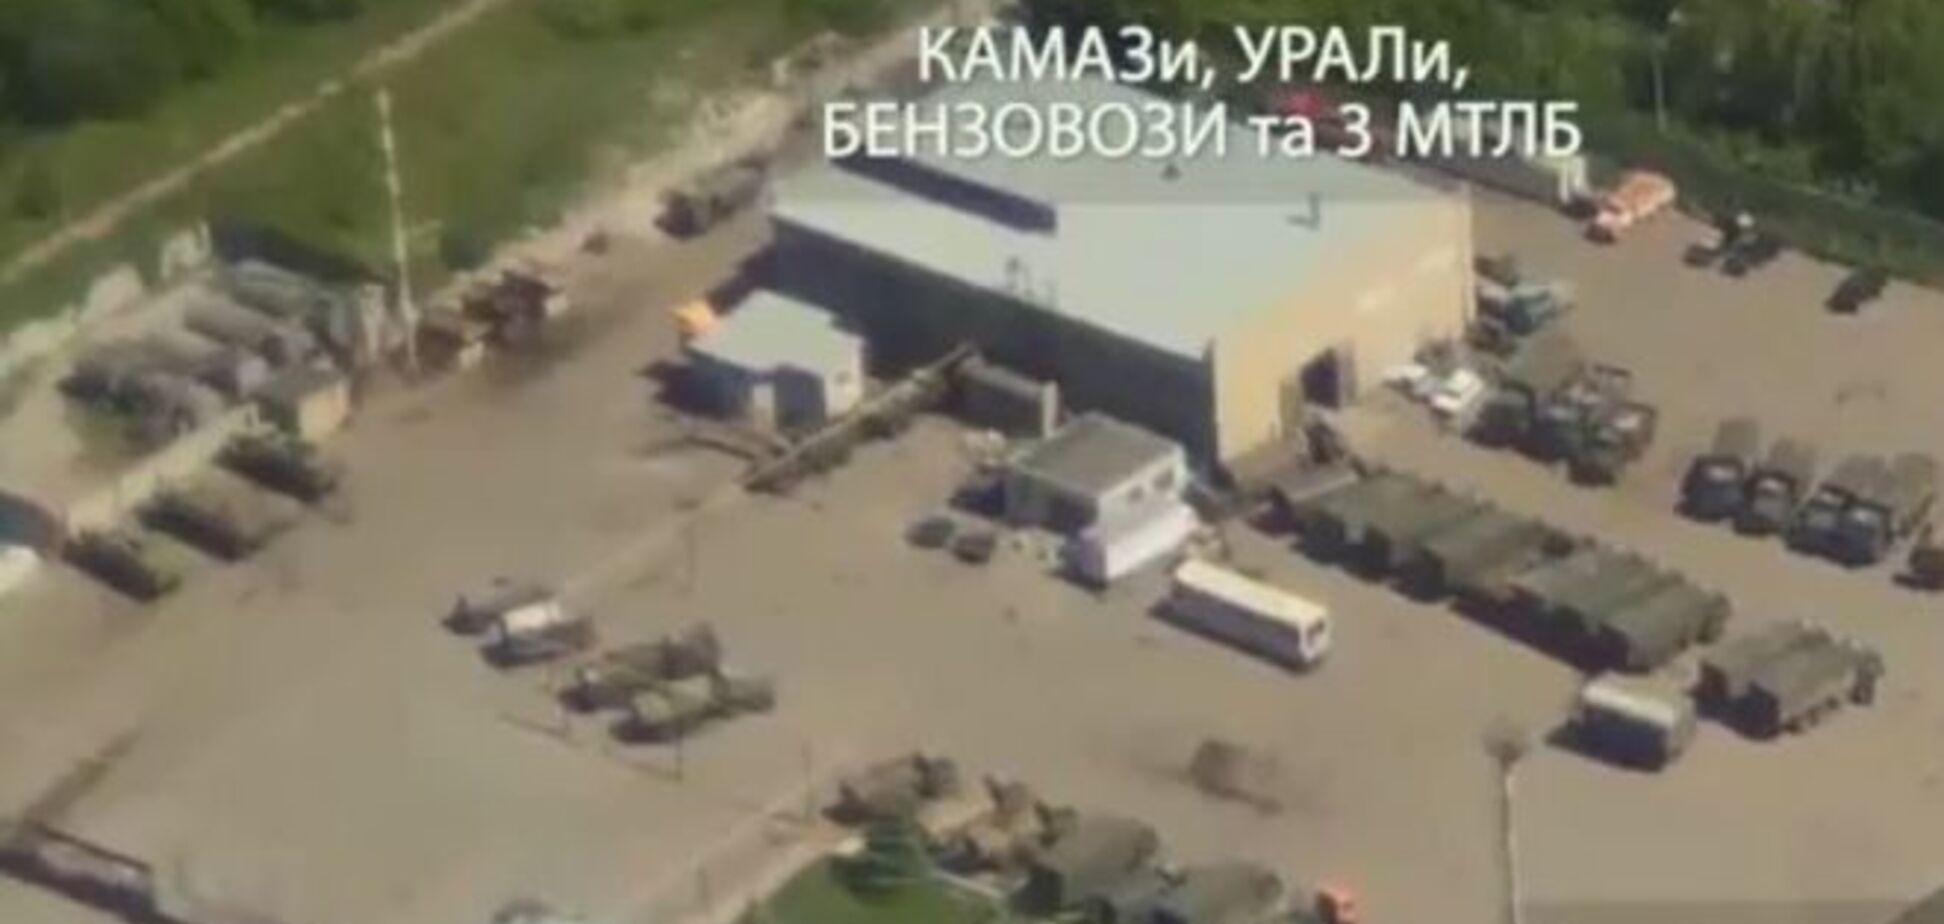 Бойцы 'Днепр-1' засняли в Луганске 200 единиц российской боевой техники